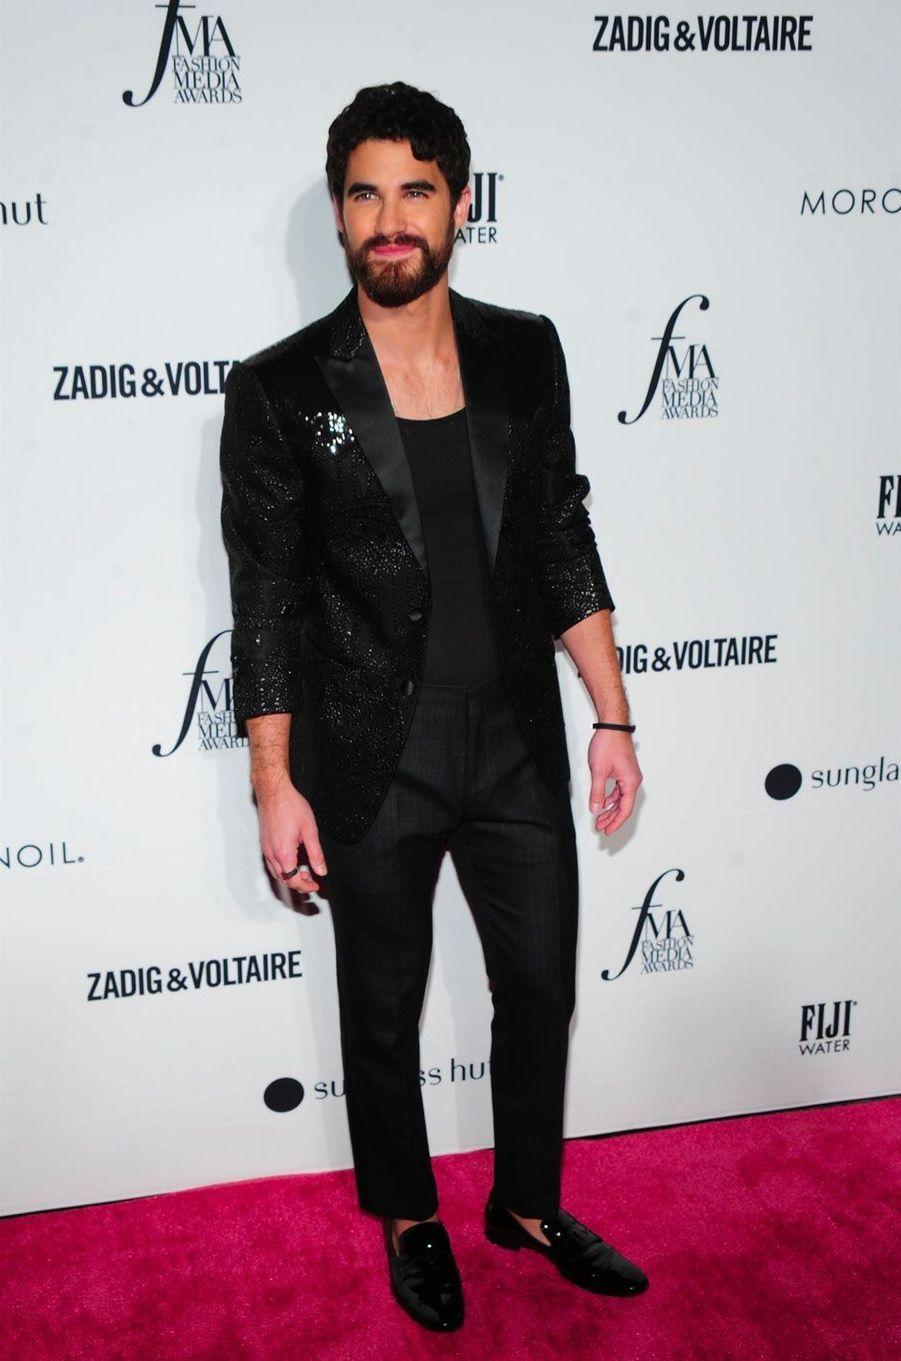 Darren Criss à la soirée des Daily Front Row's Fashion Media Awards à New York, le 6 septembre 2018